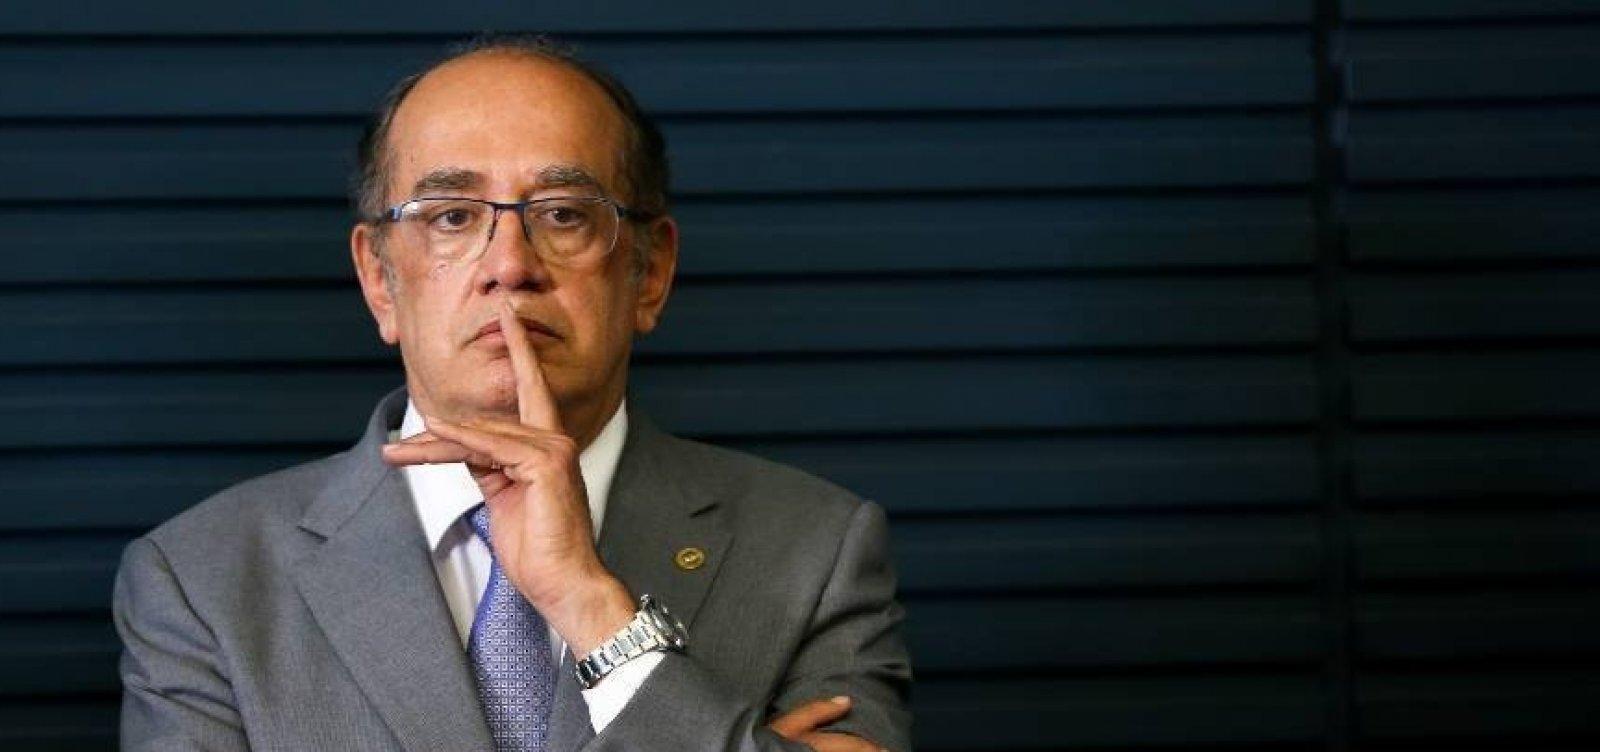 [Ministros do STF reagem a morte no Carrefour: 'assassinato bárbaro', diz Gilmar]